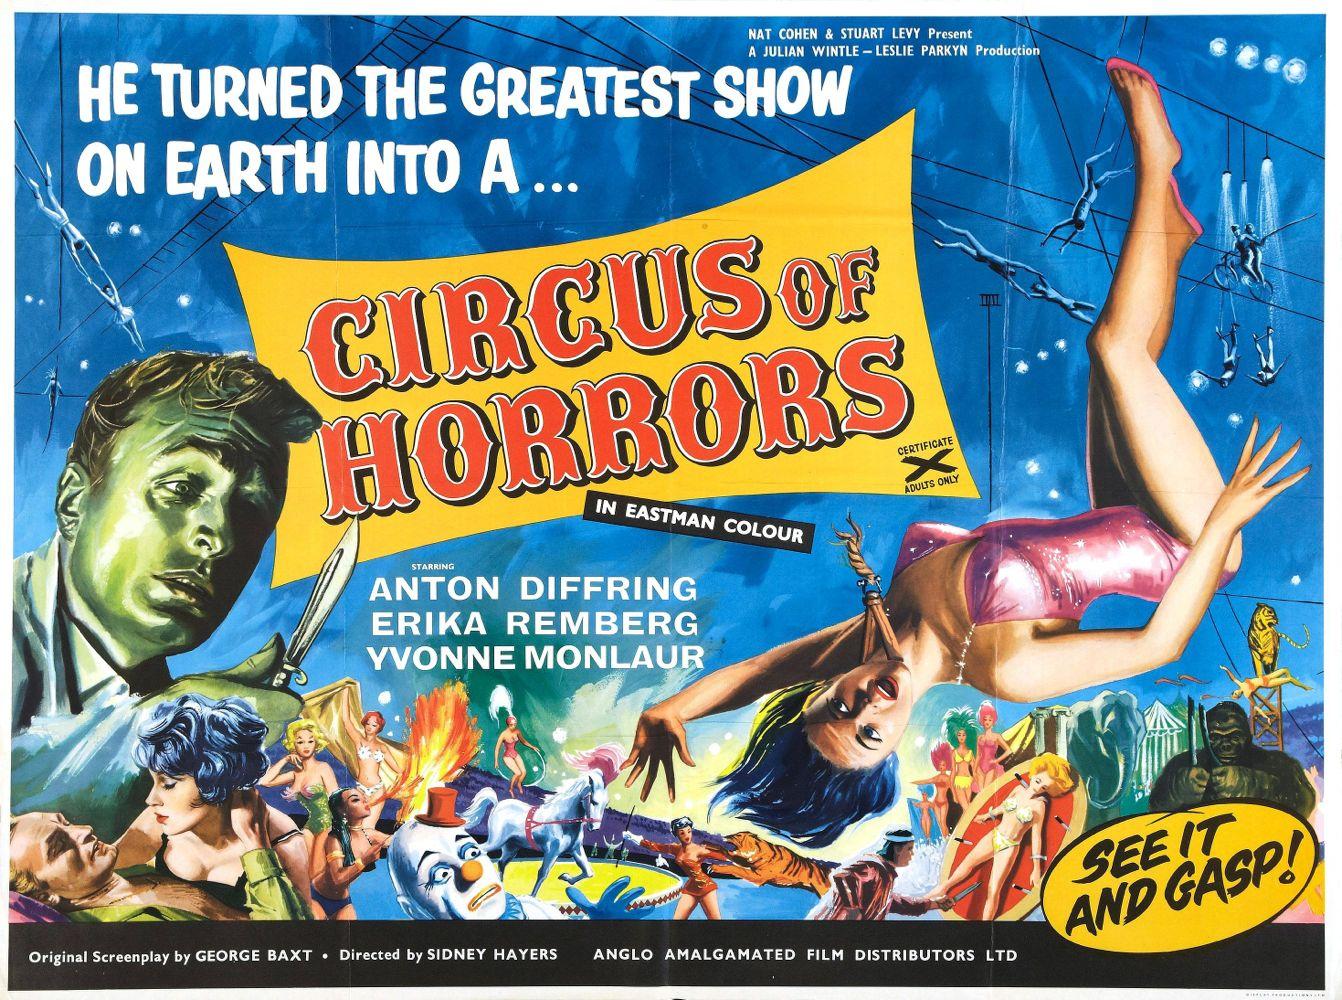 CircusHorrorsPosterBaja